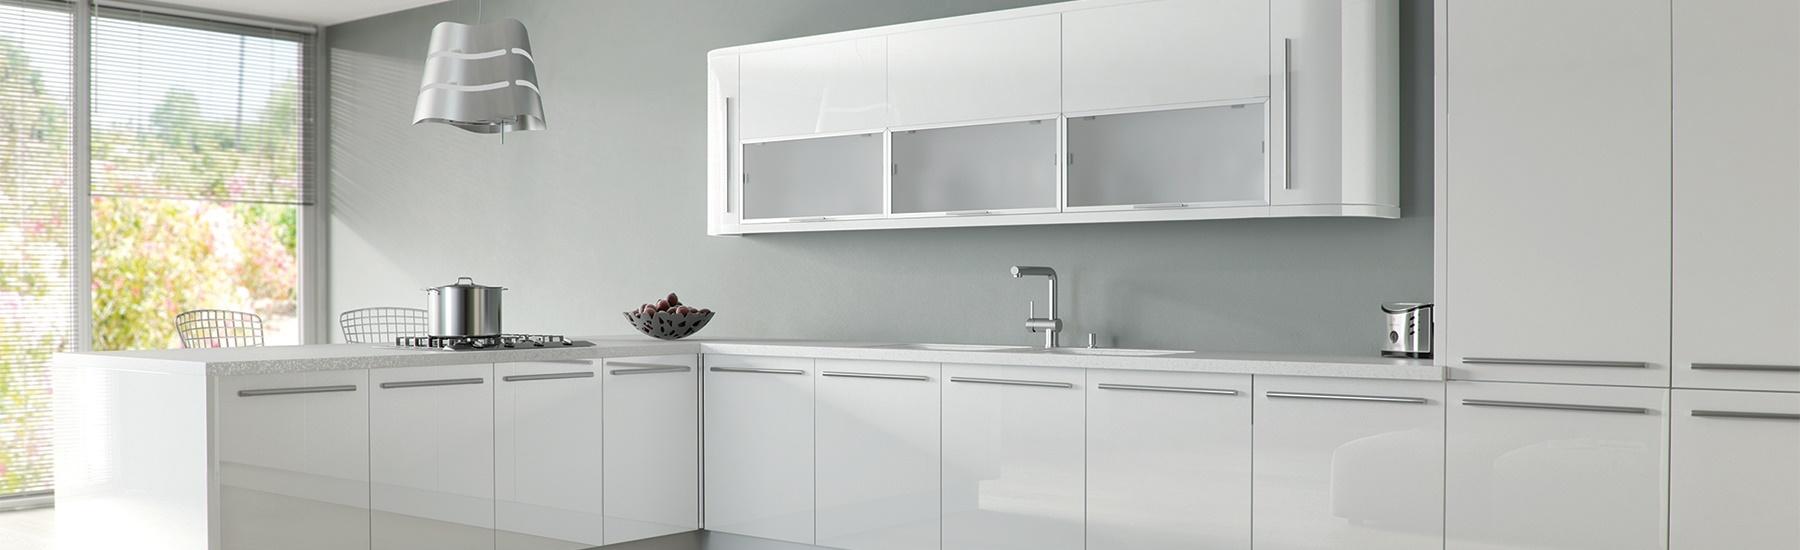 zurfiz-ultra-gloss-white-kitchen